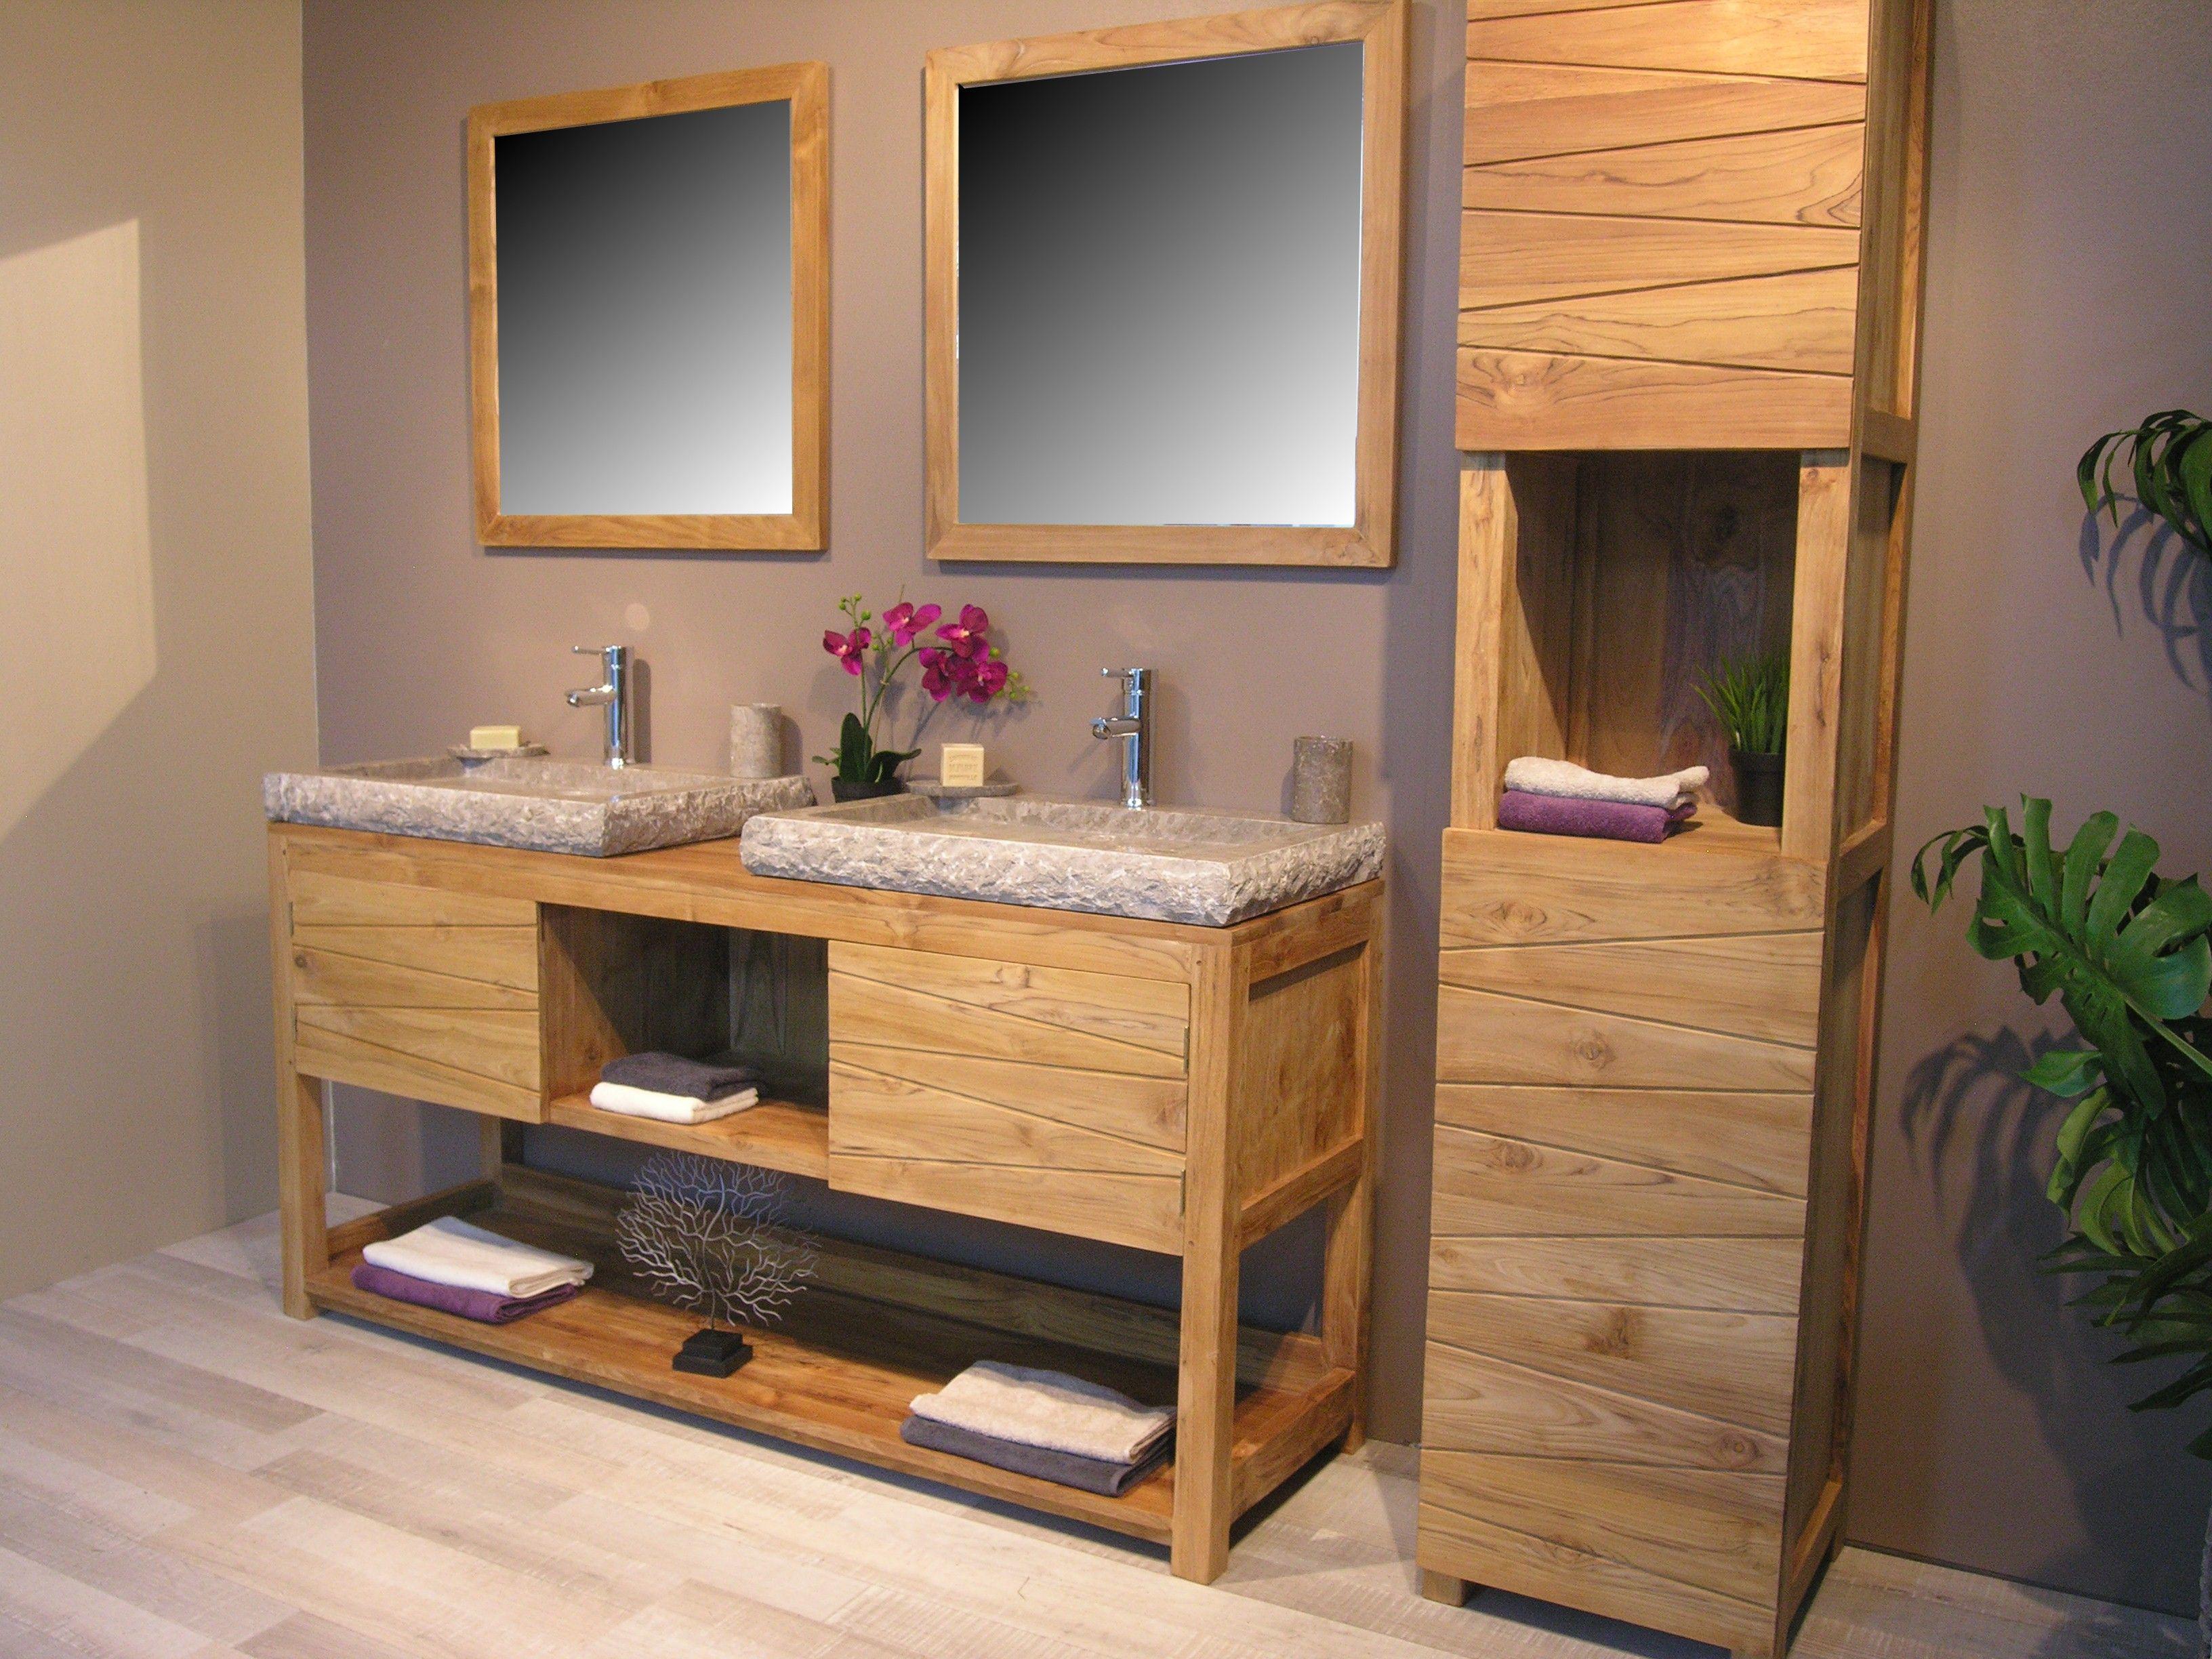 Meuble Salle De Bain Double Vasque Ikea Luxe Stock Meuble Double Vasque 15 Pas Cher Frais De Salle Bain En Bois